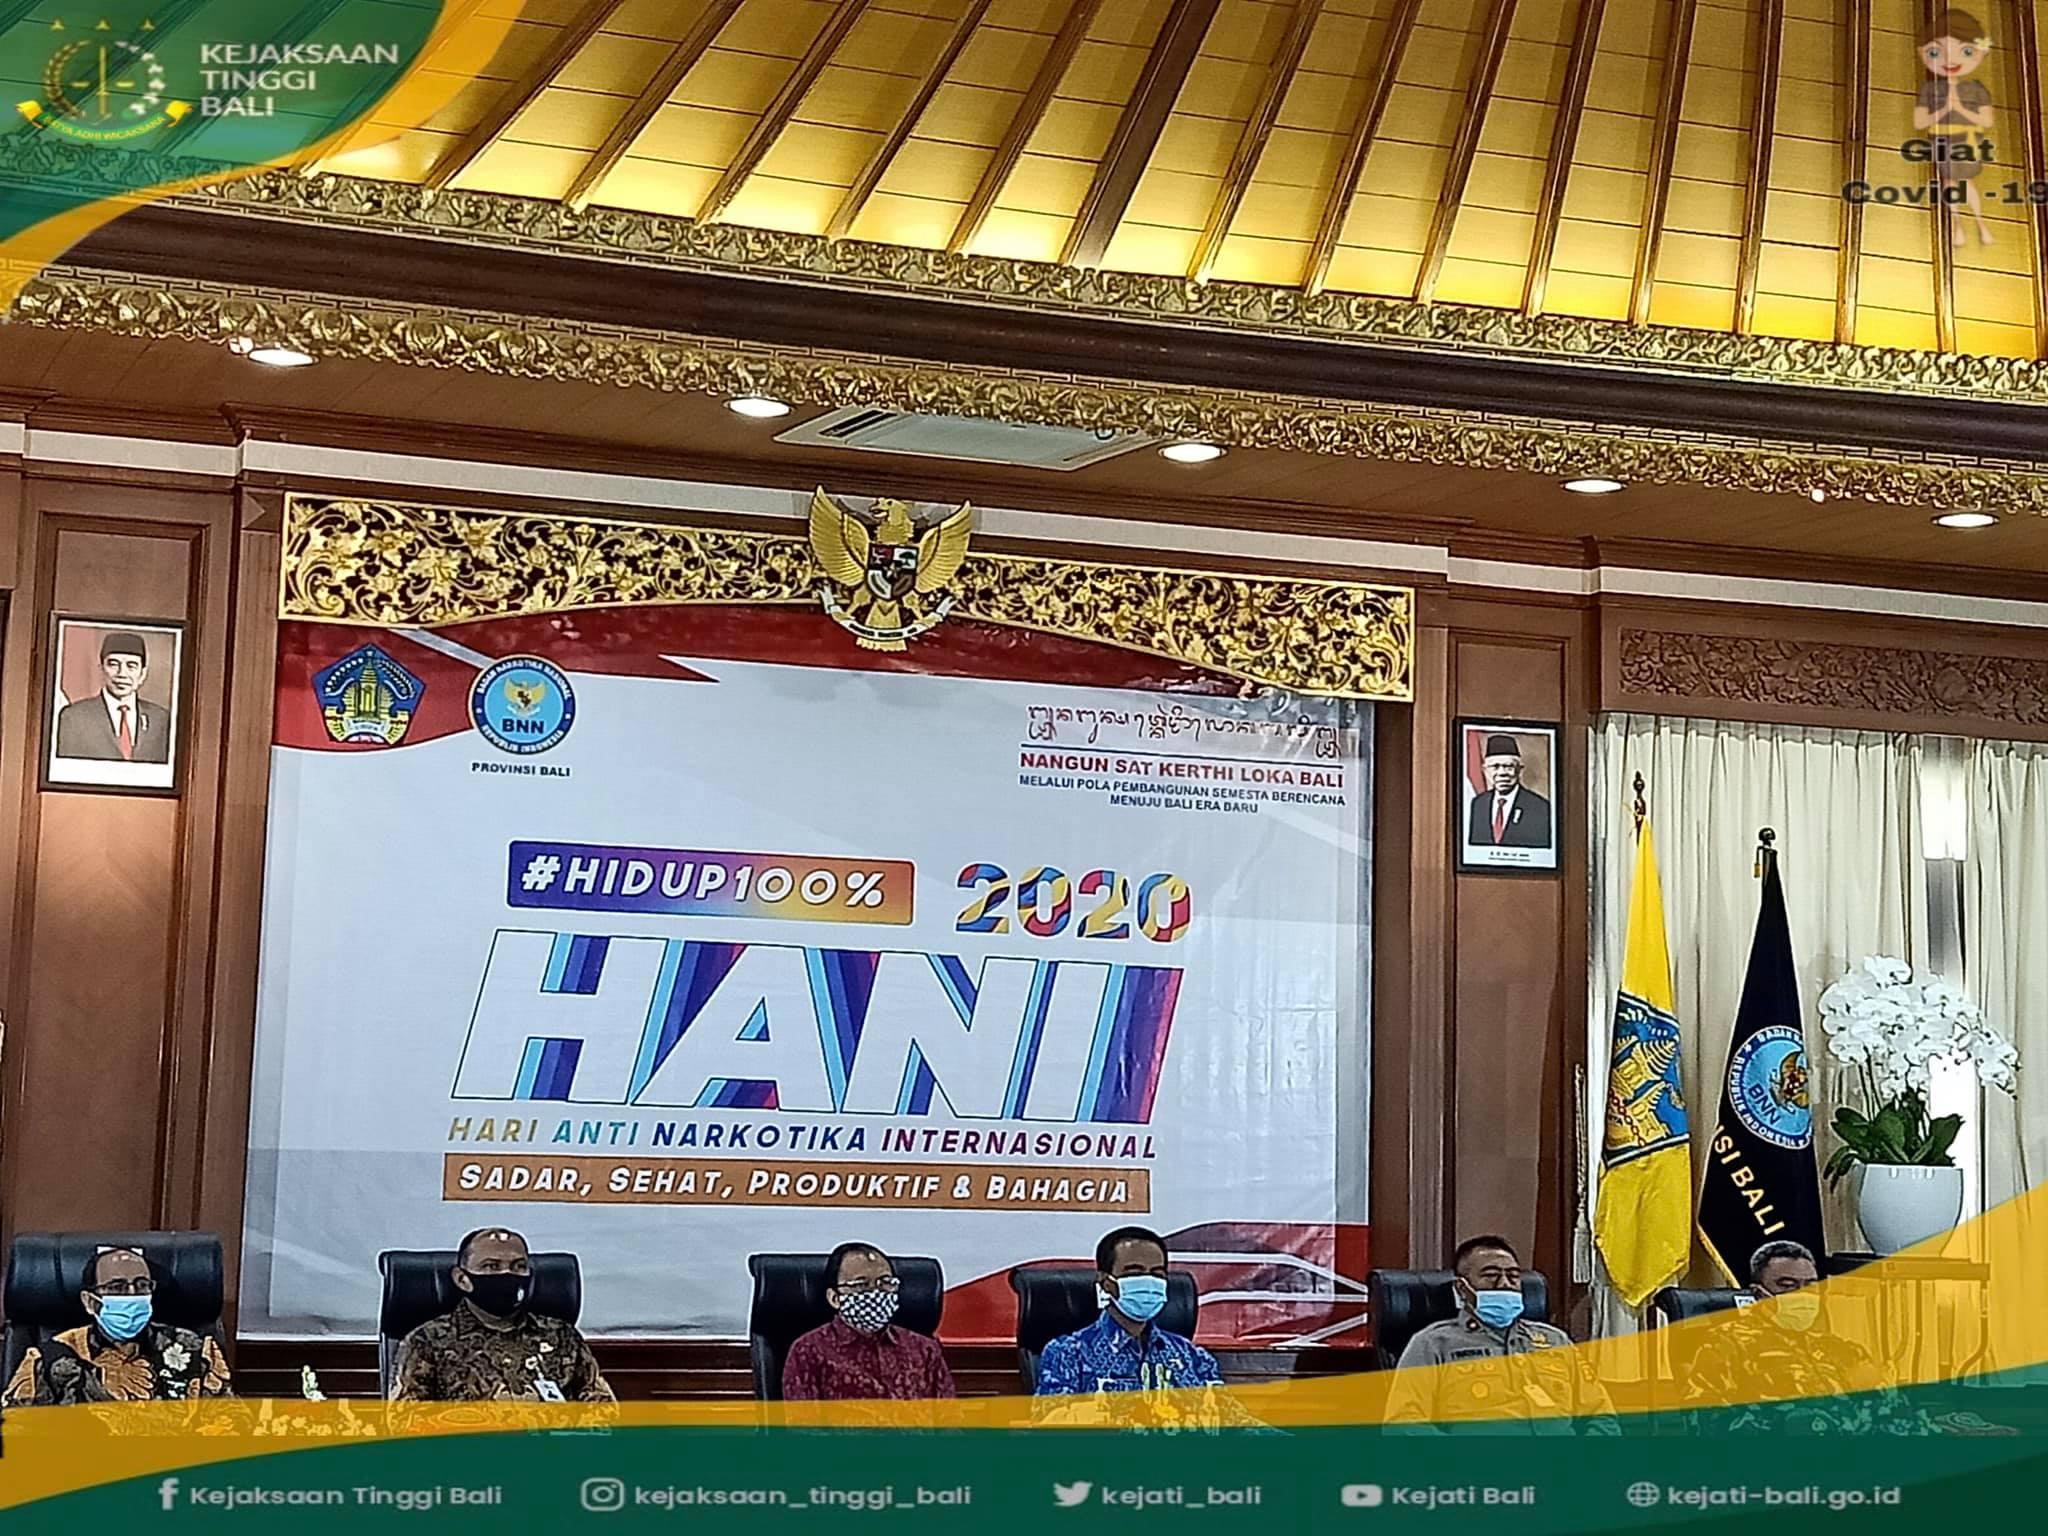 Kepala Kejaksaan Tinggi Bali, Erbagtyo Rohan, SH., MH., mengikuti upacara peringatan Hari Anti Narkotika Internasional, Jumat, 26 Juni 2020, yang dilaksanakan secara virtual (video conference) di Jaya Sabha Gedung Gajah Denpasar.